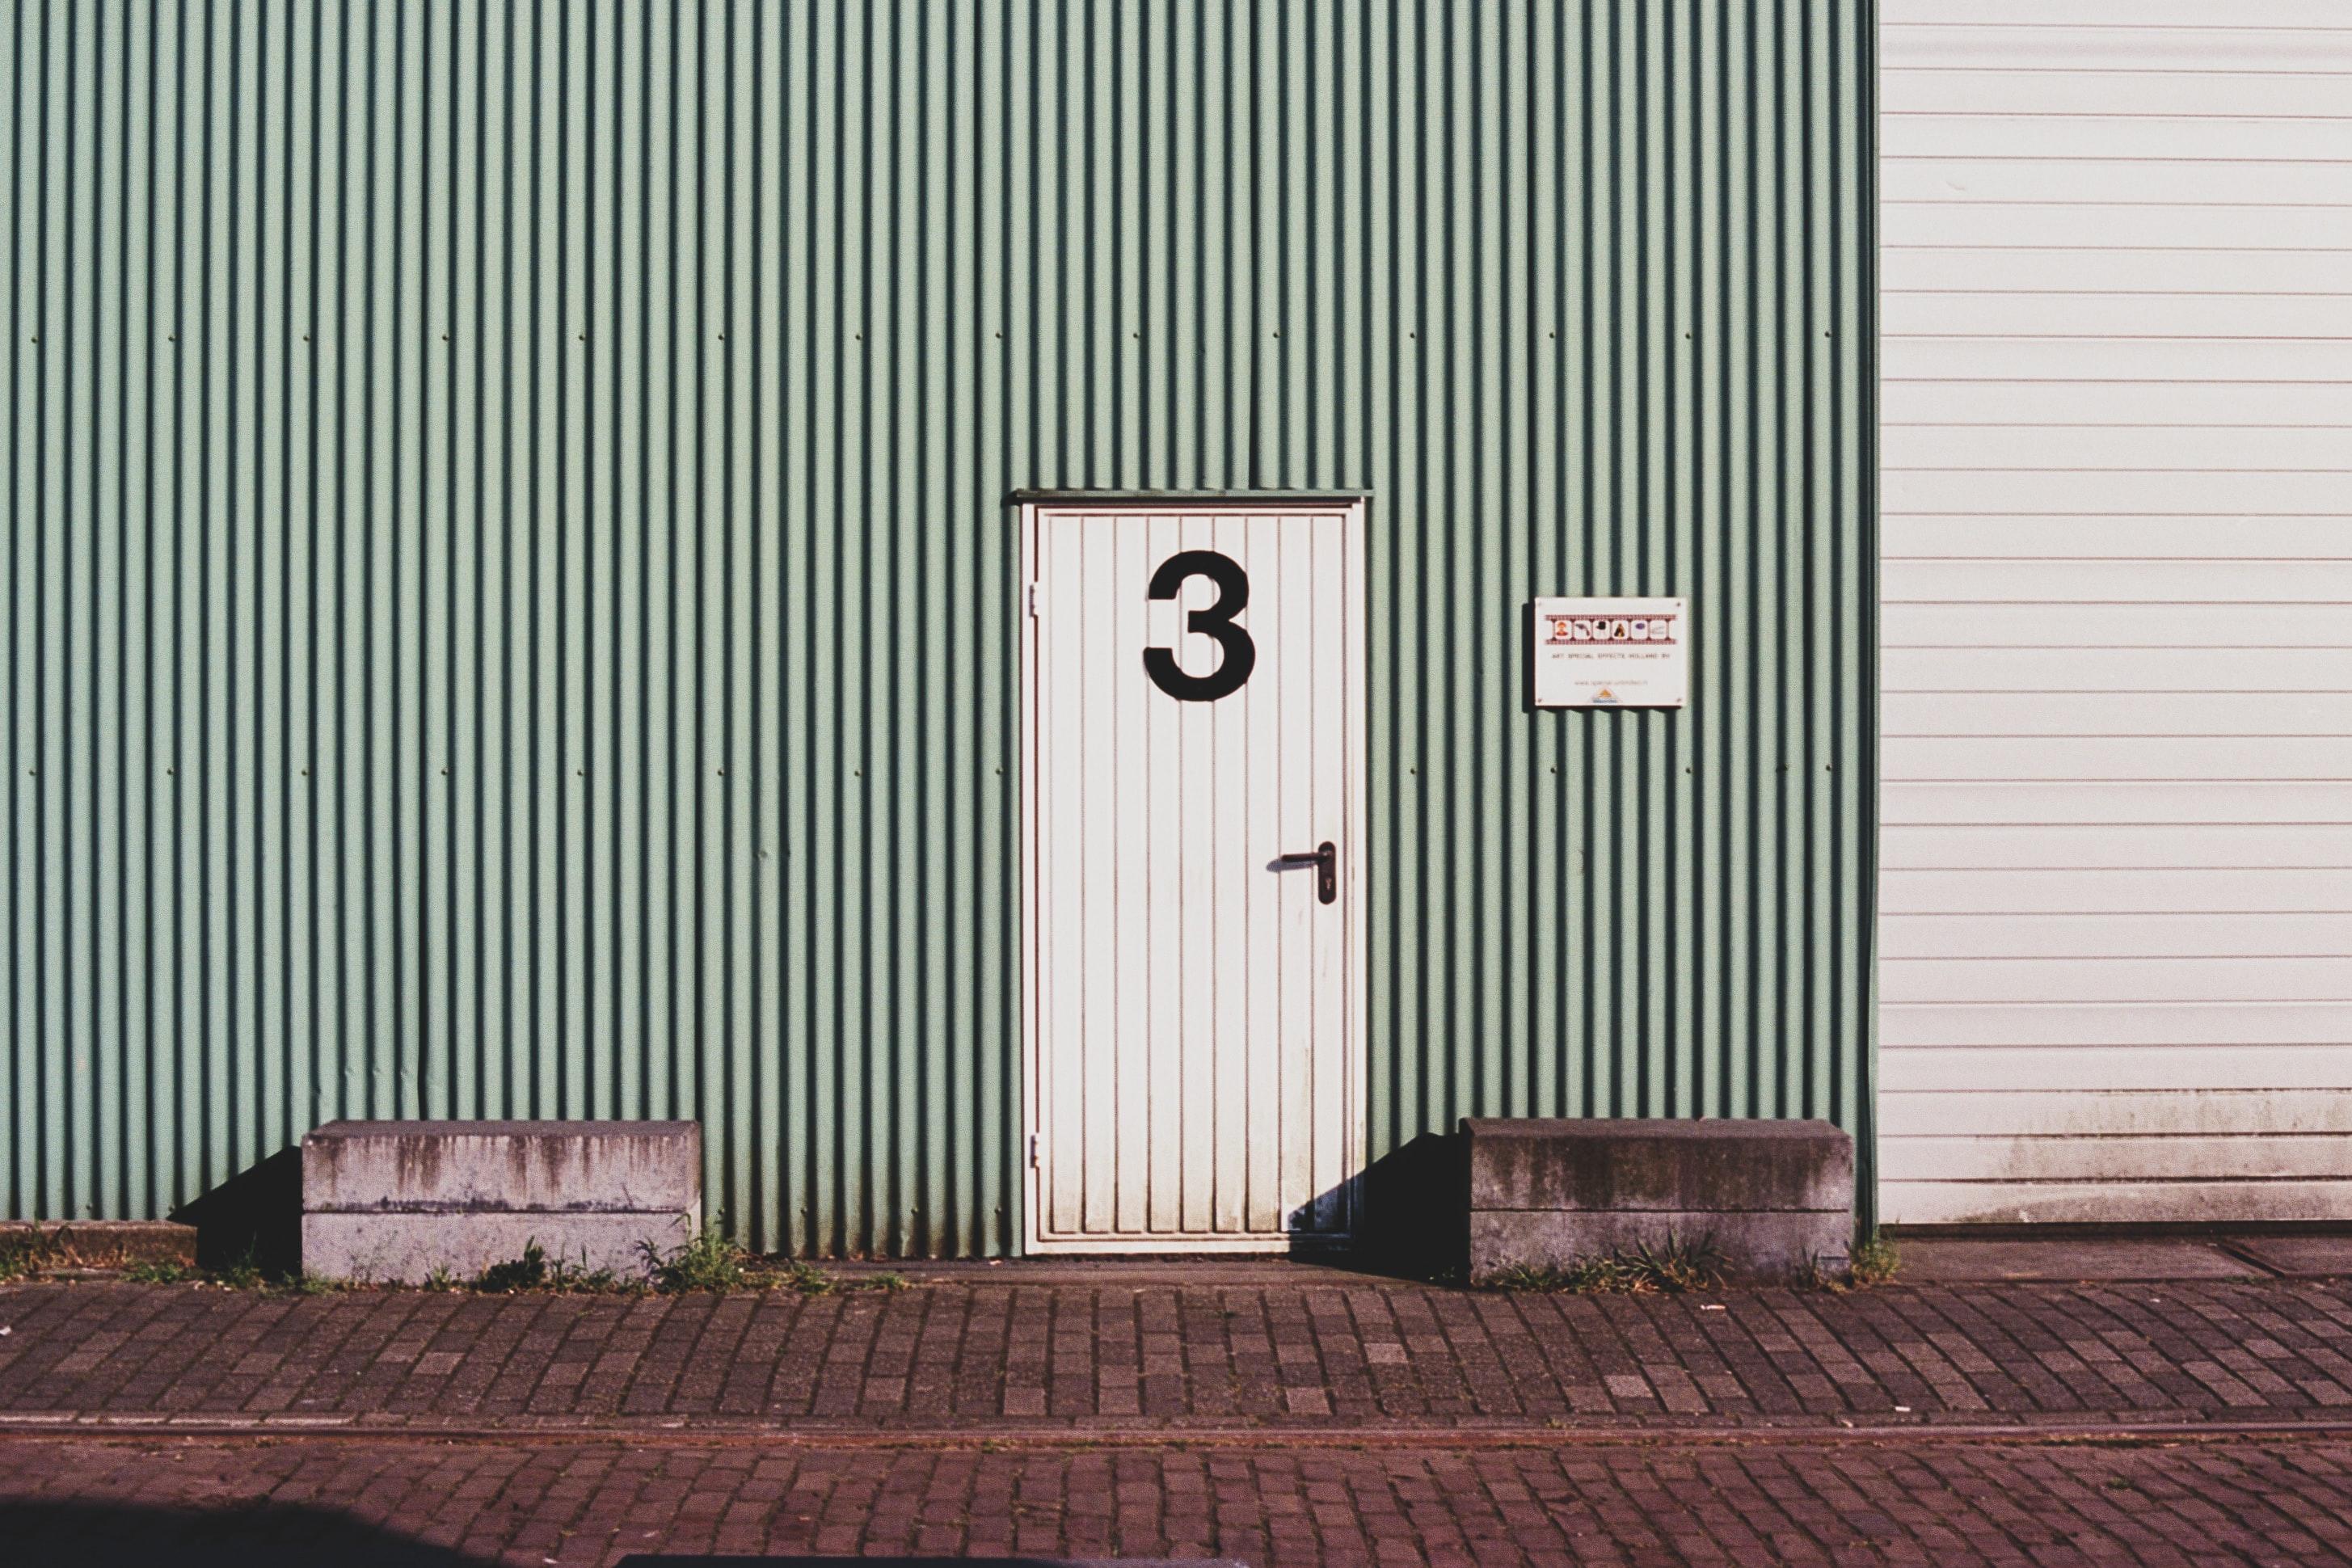 The Third Door Is a Lie